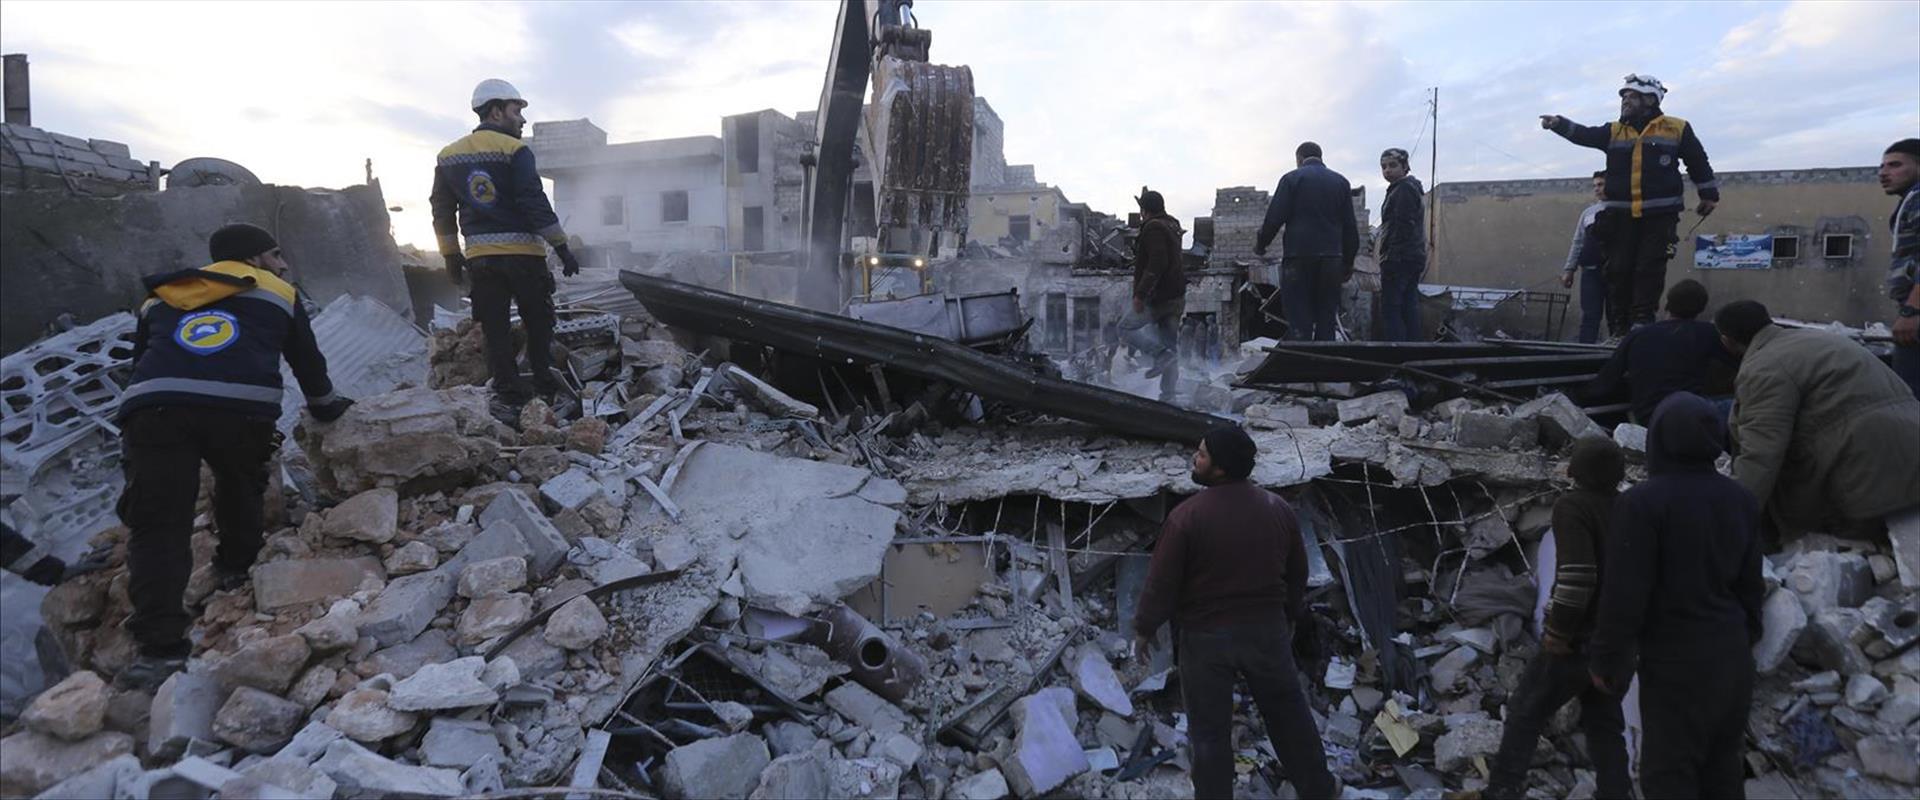 ההרס באידליב שבצפון סוריה